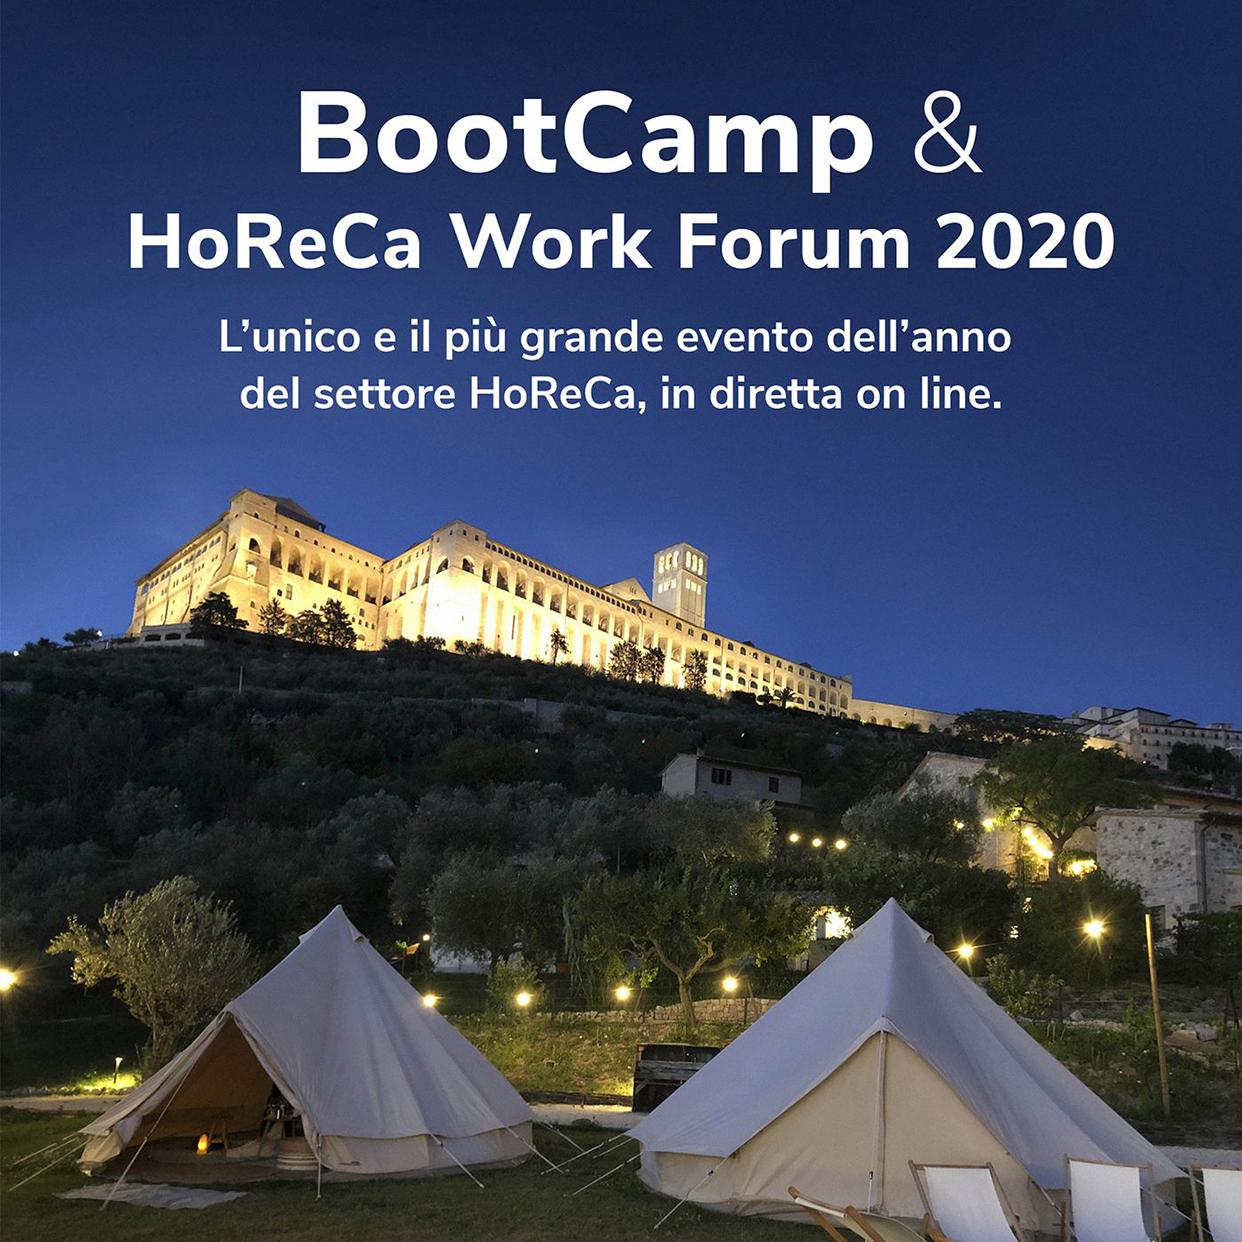 Bootcamp-Workforum2020